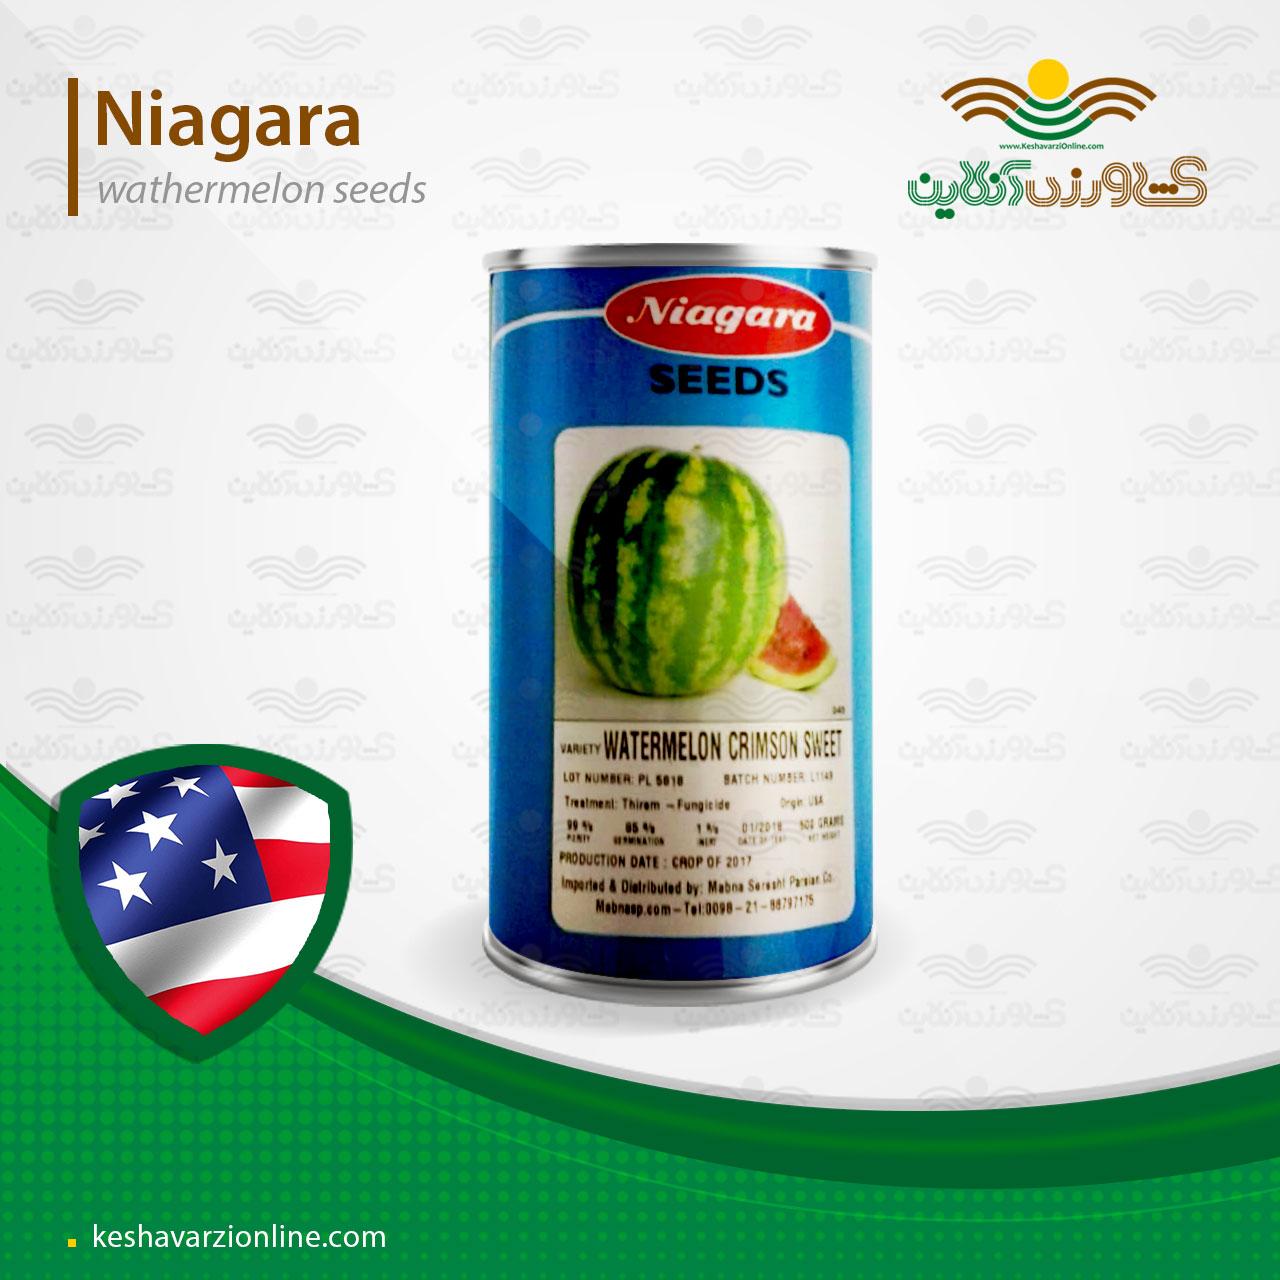 بذر هندوانه کریمسون سوئیت نیاگارا